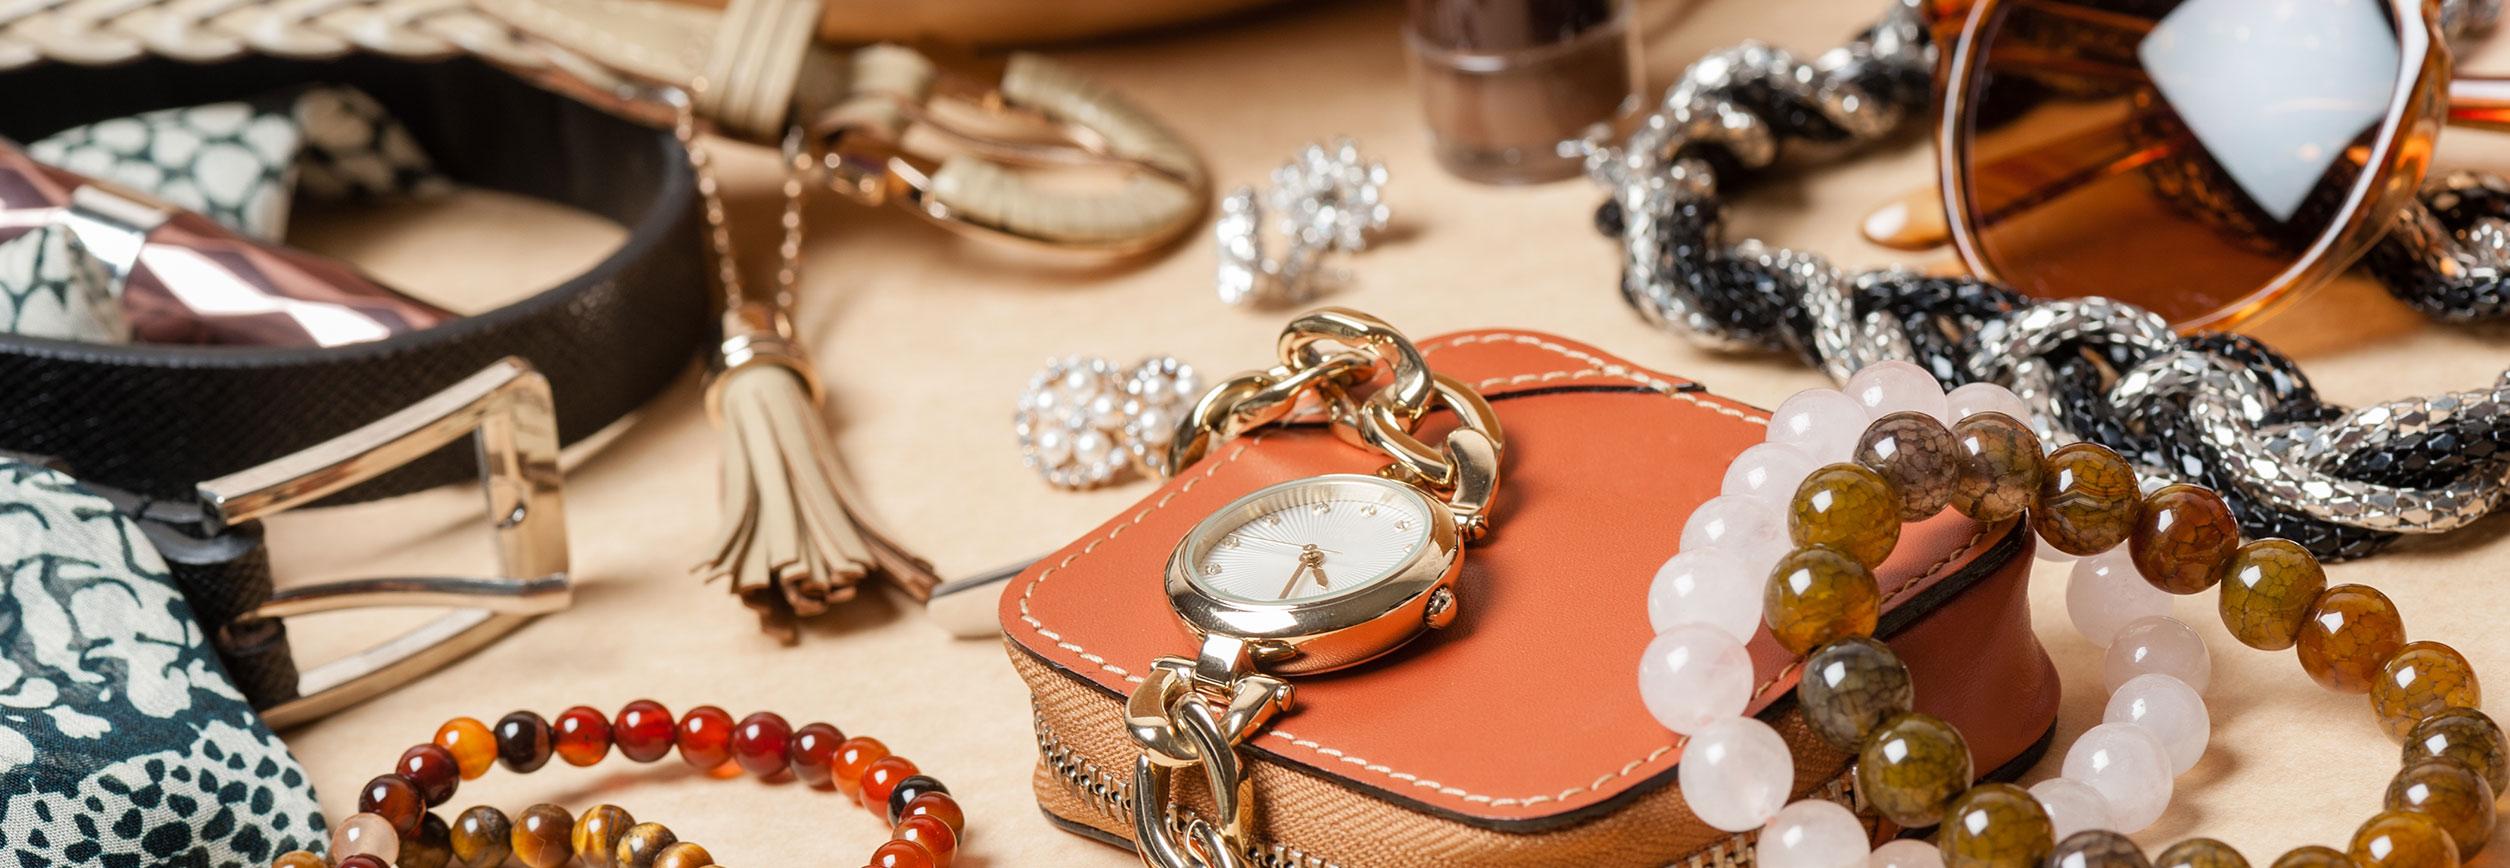 Bijoux et cadeaux divers à Moricq